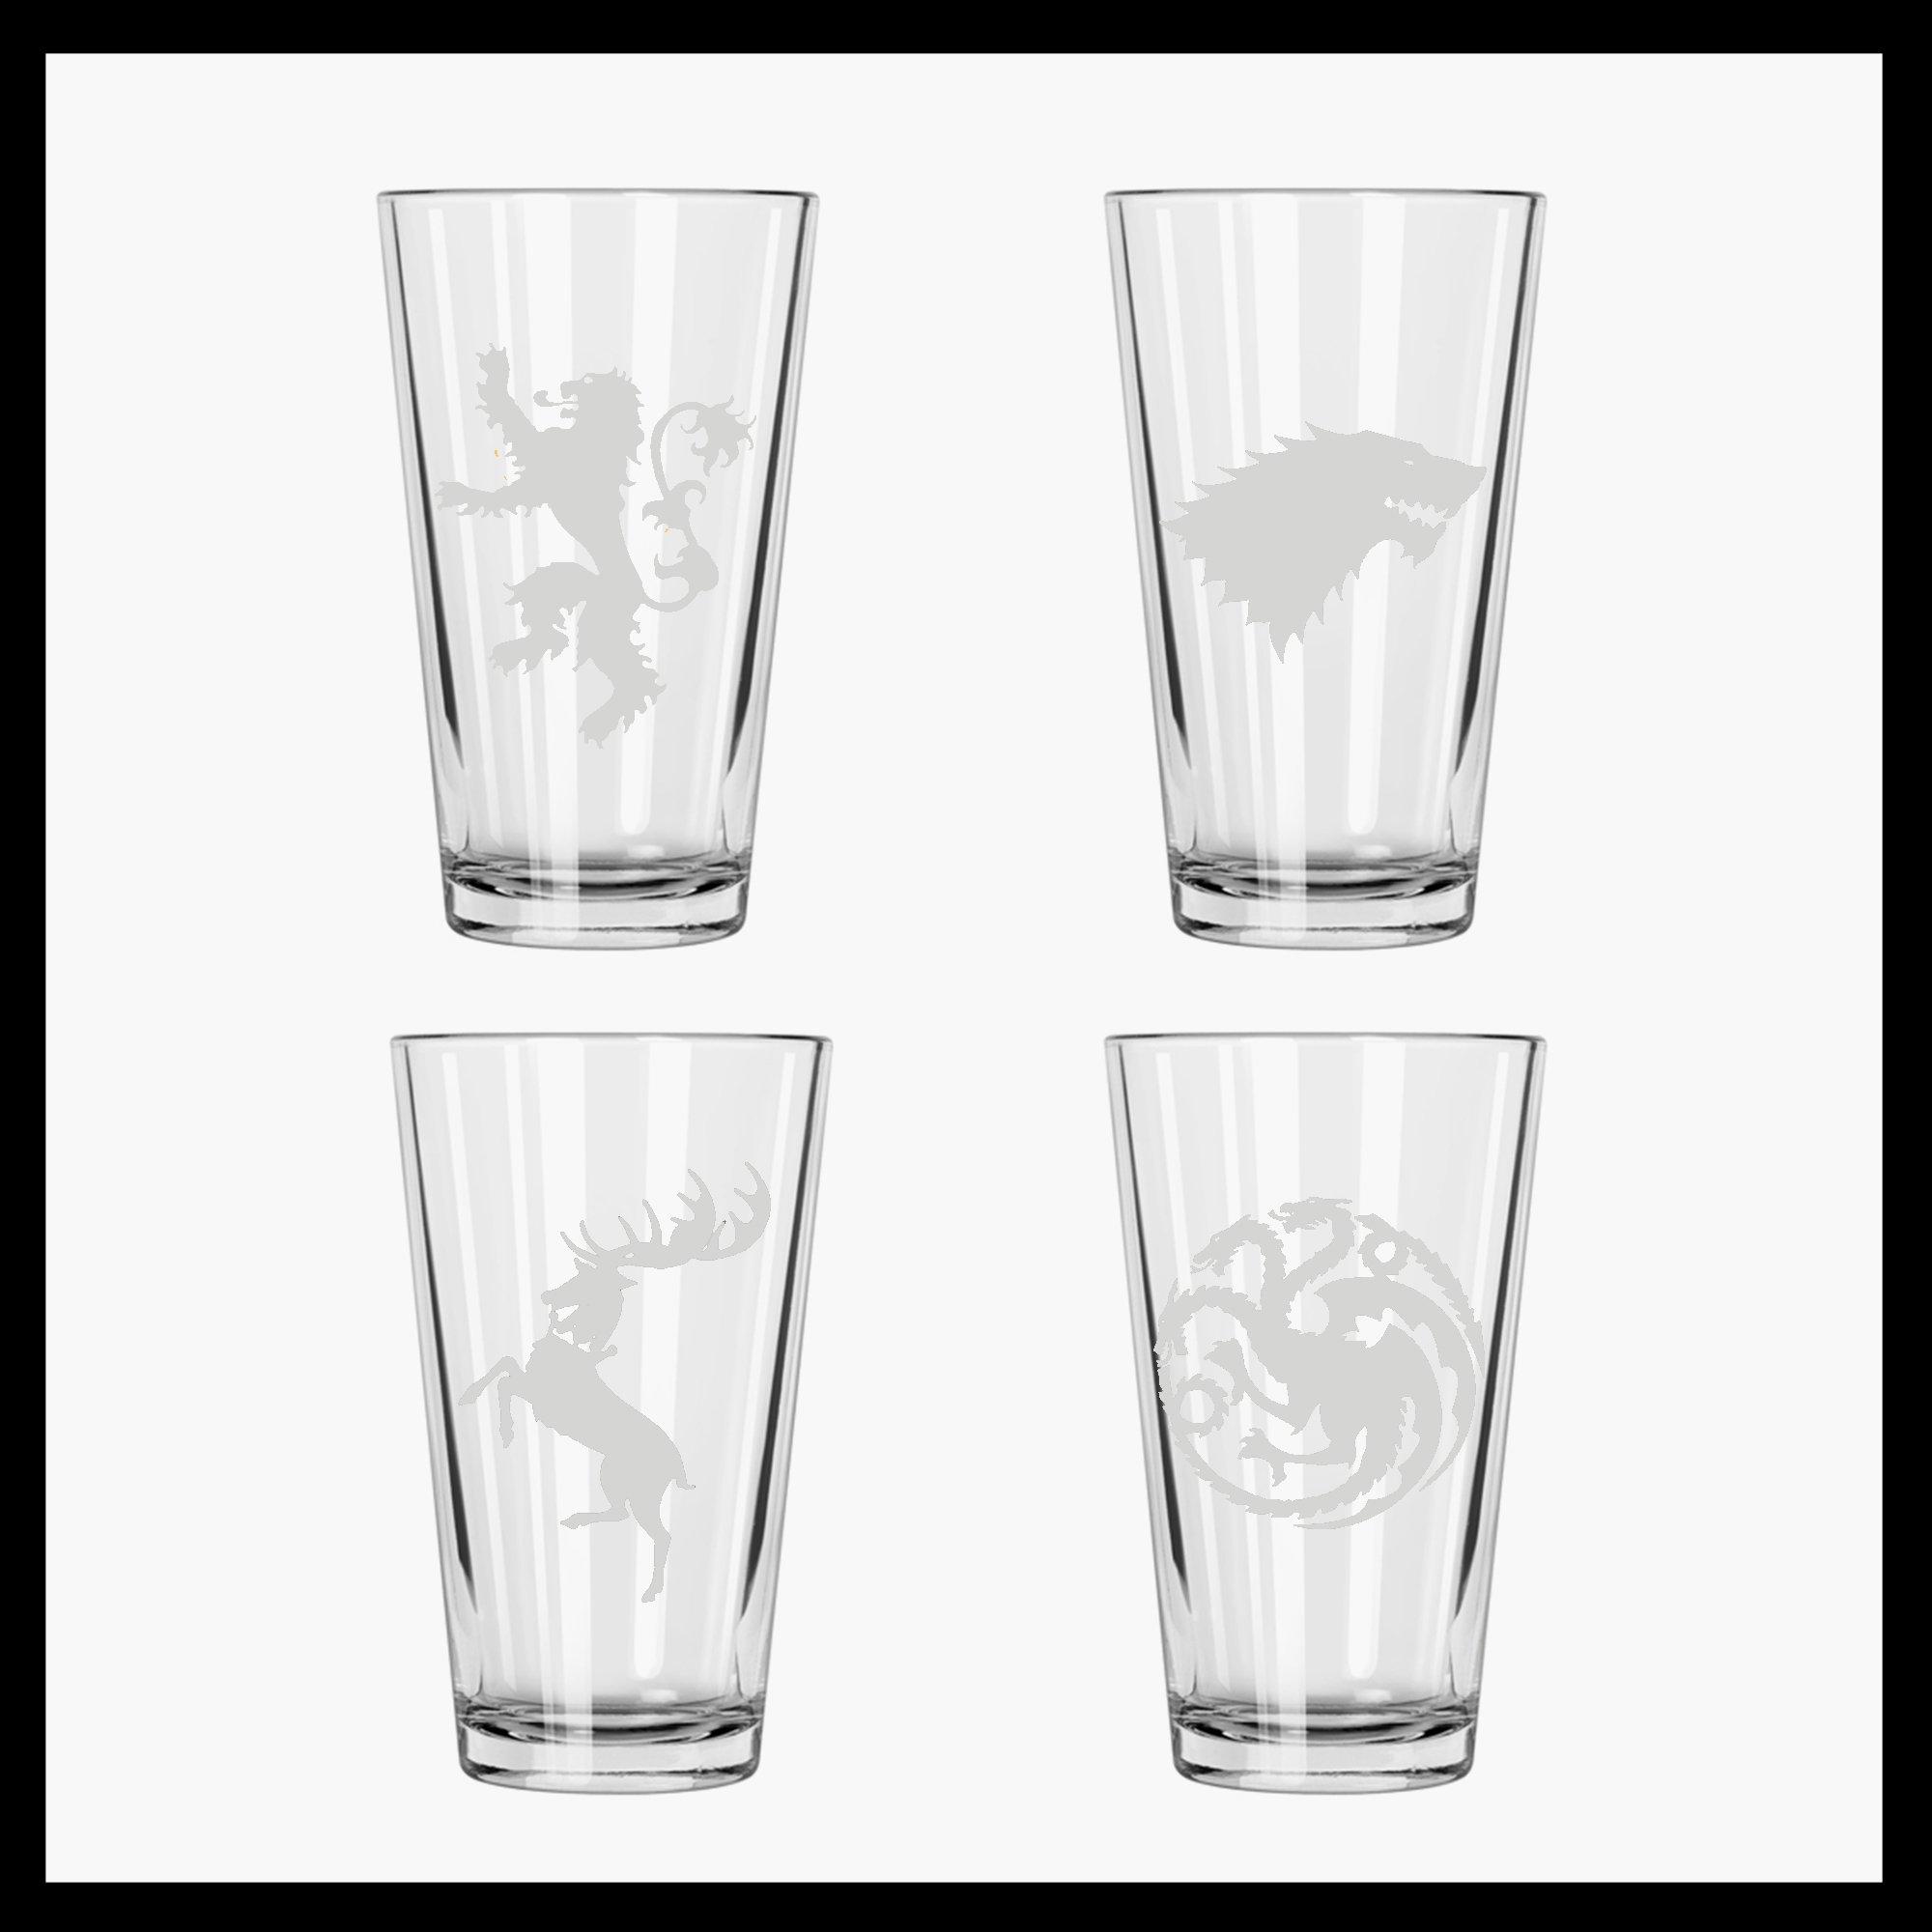 Got Set Of 4 Houses Etched Pint Glasses Stark Baratheon Lannister Targaryen Buy Online In Guyana At Guyana Desertcart Com Productid 37594593